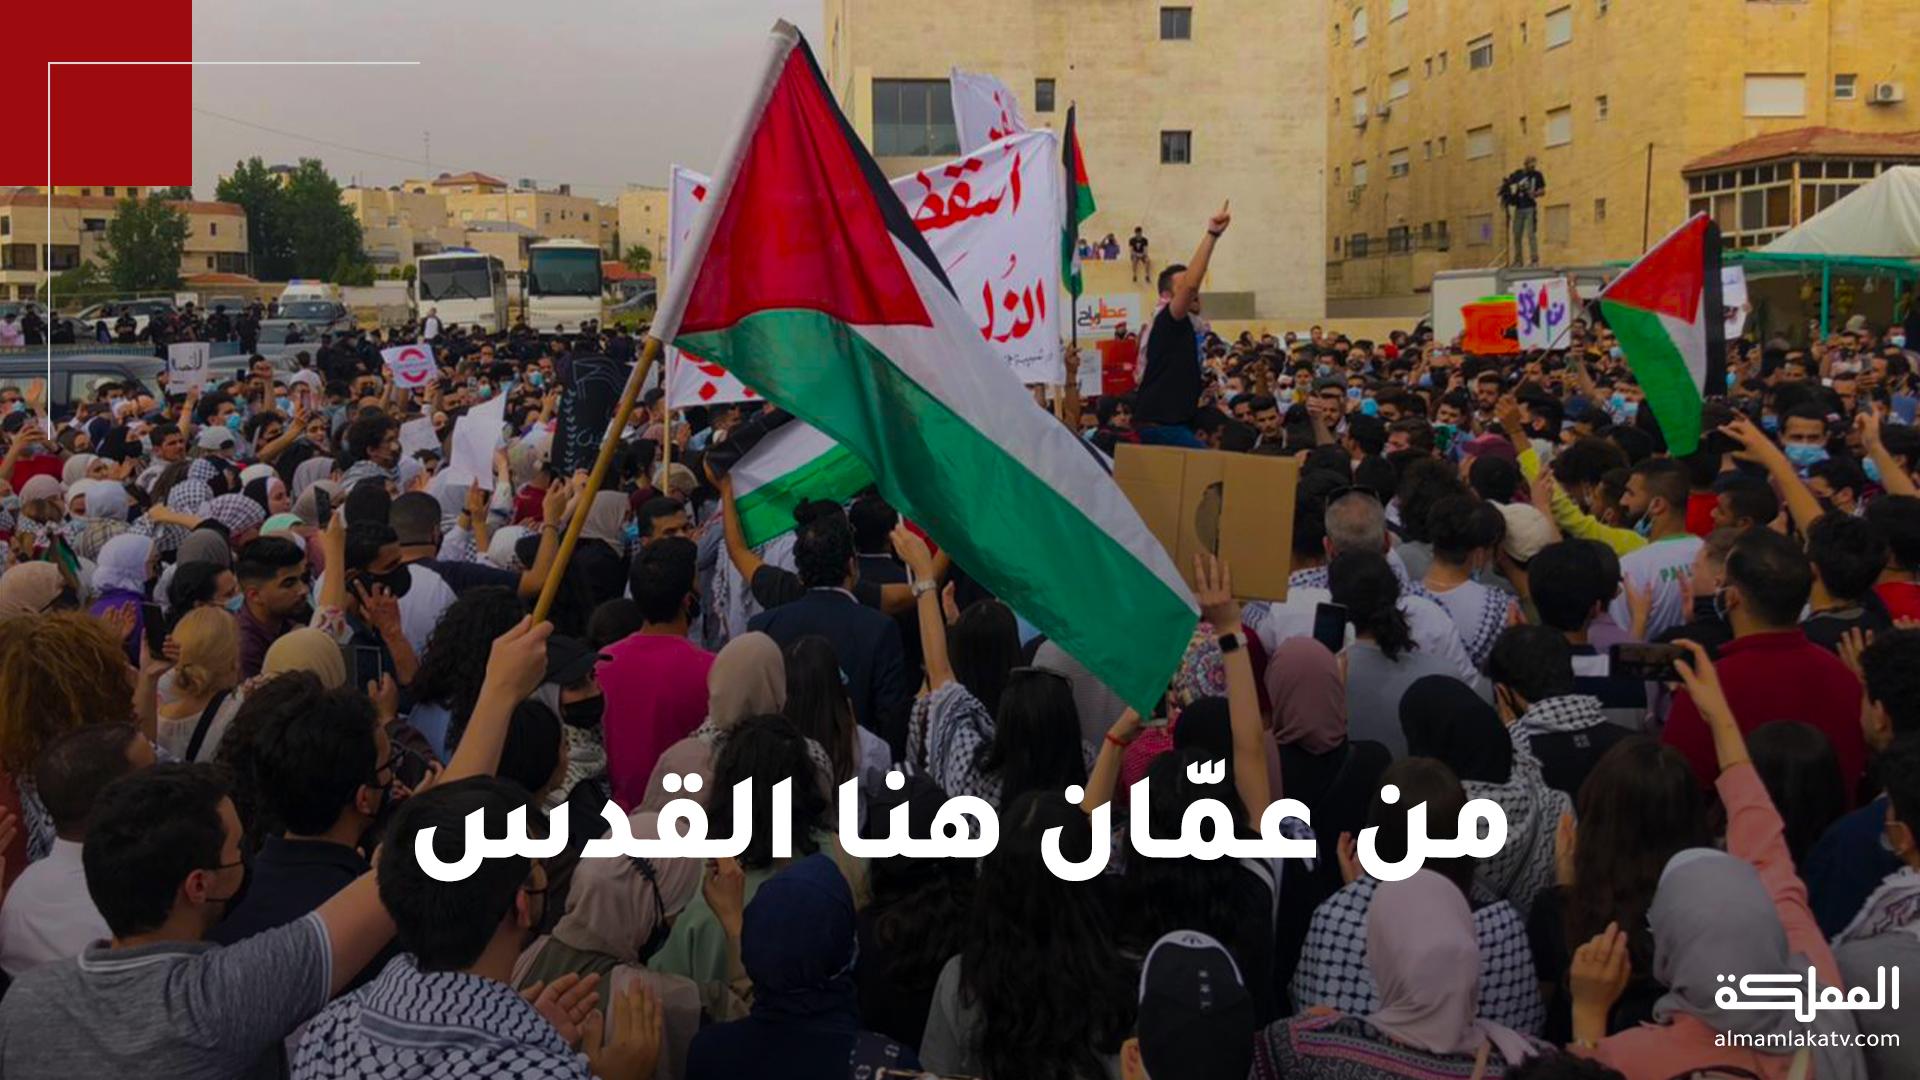 جانب من الوقفة الاحتجاجية في عمّان لمناصرة القدس وأهلها ضد انتهاكات الاحتلال الإسرائيلي